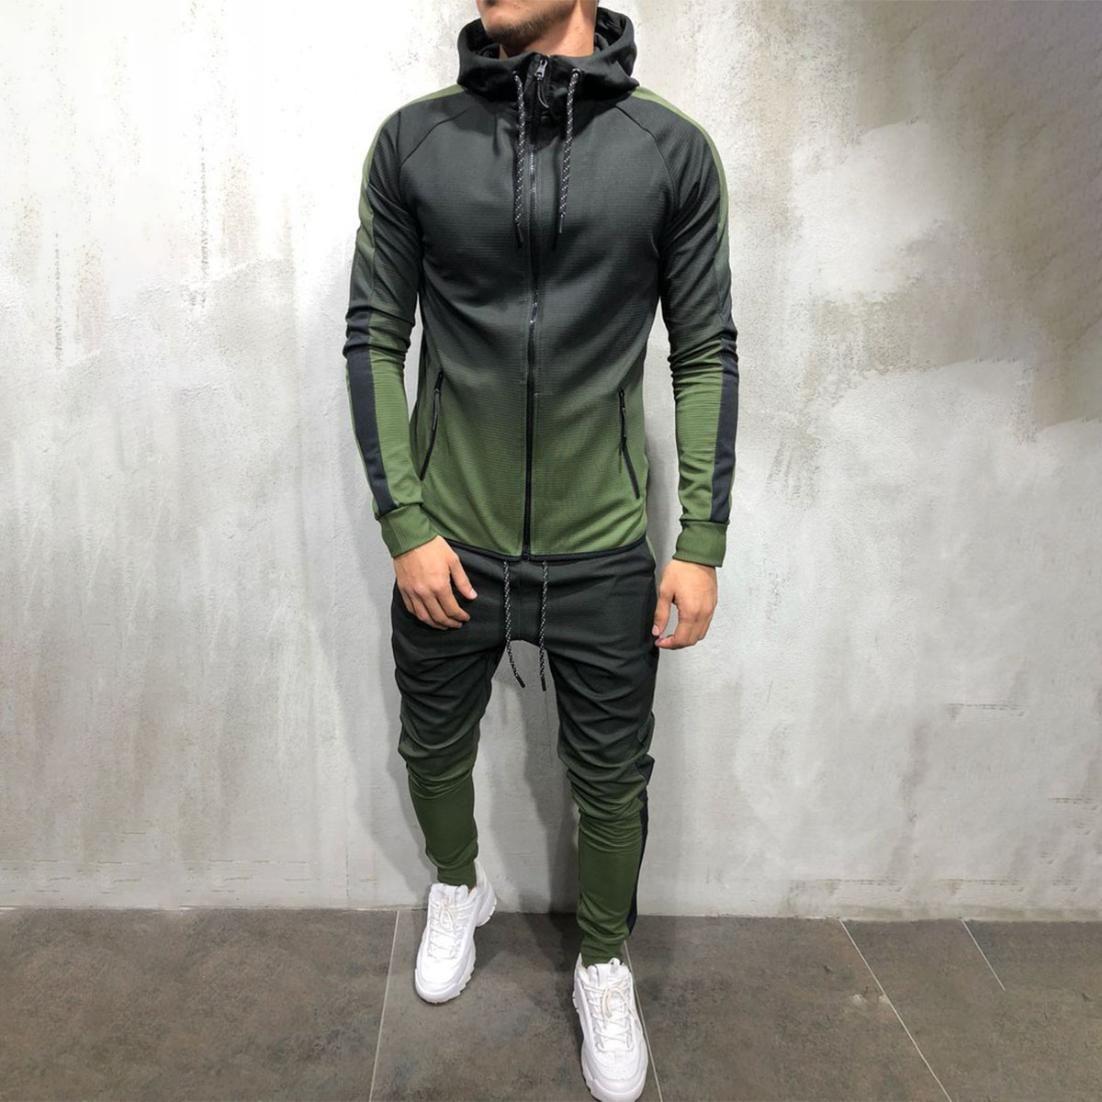 Jogging Suit Tracksuit Sports Suit Jogging Fitness Streetwear Mens